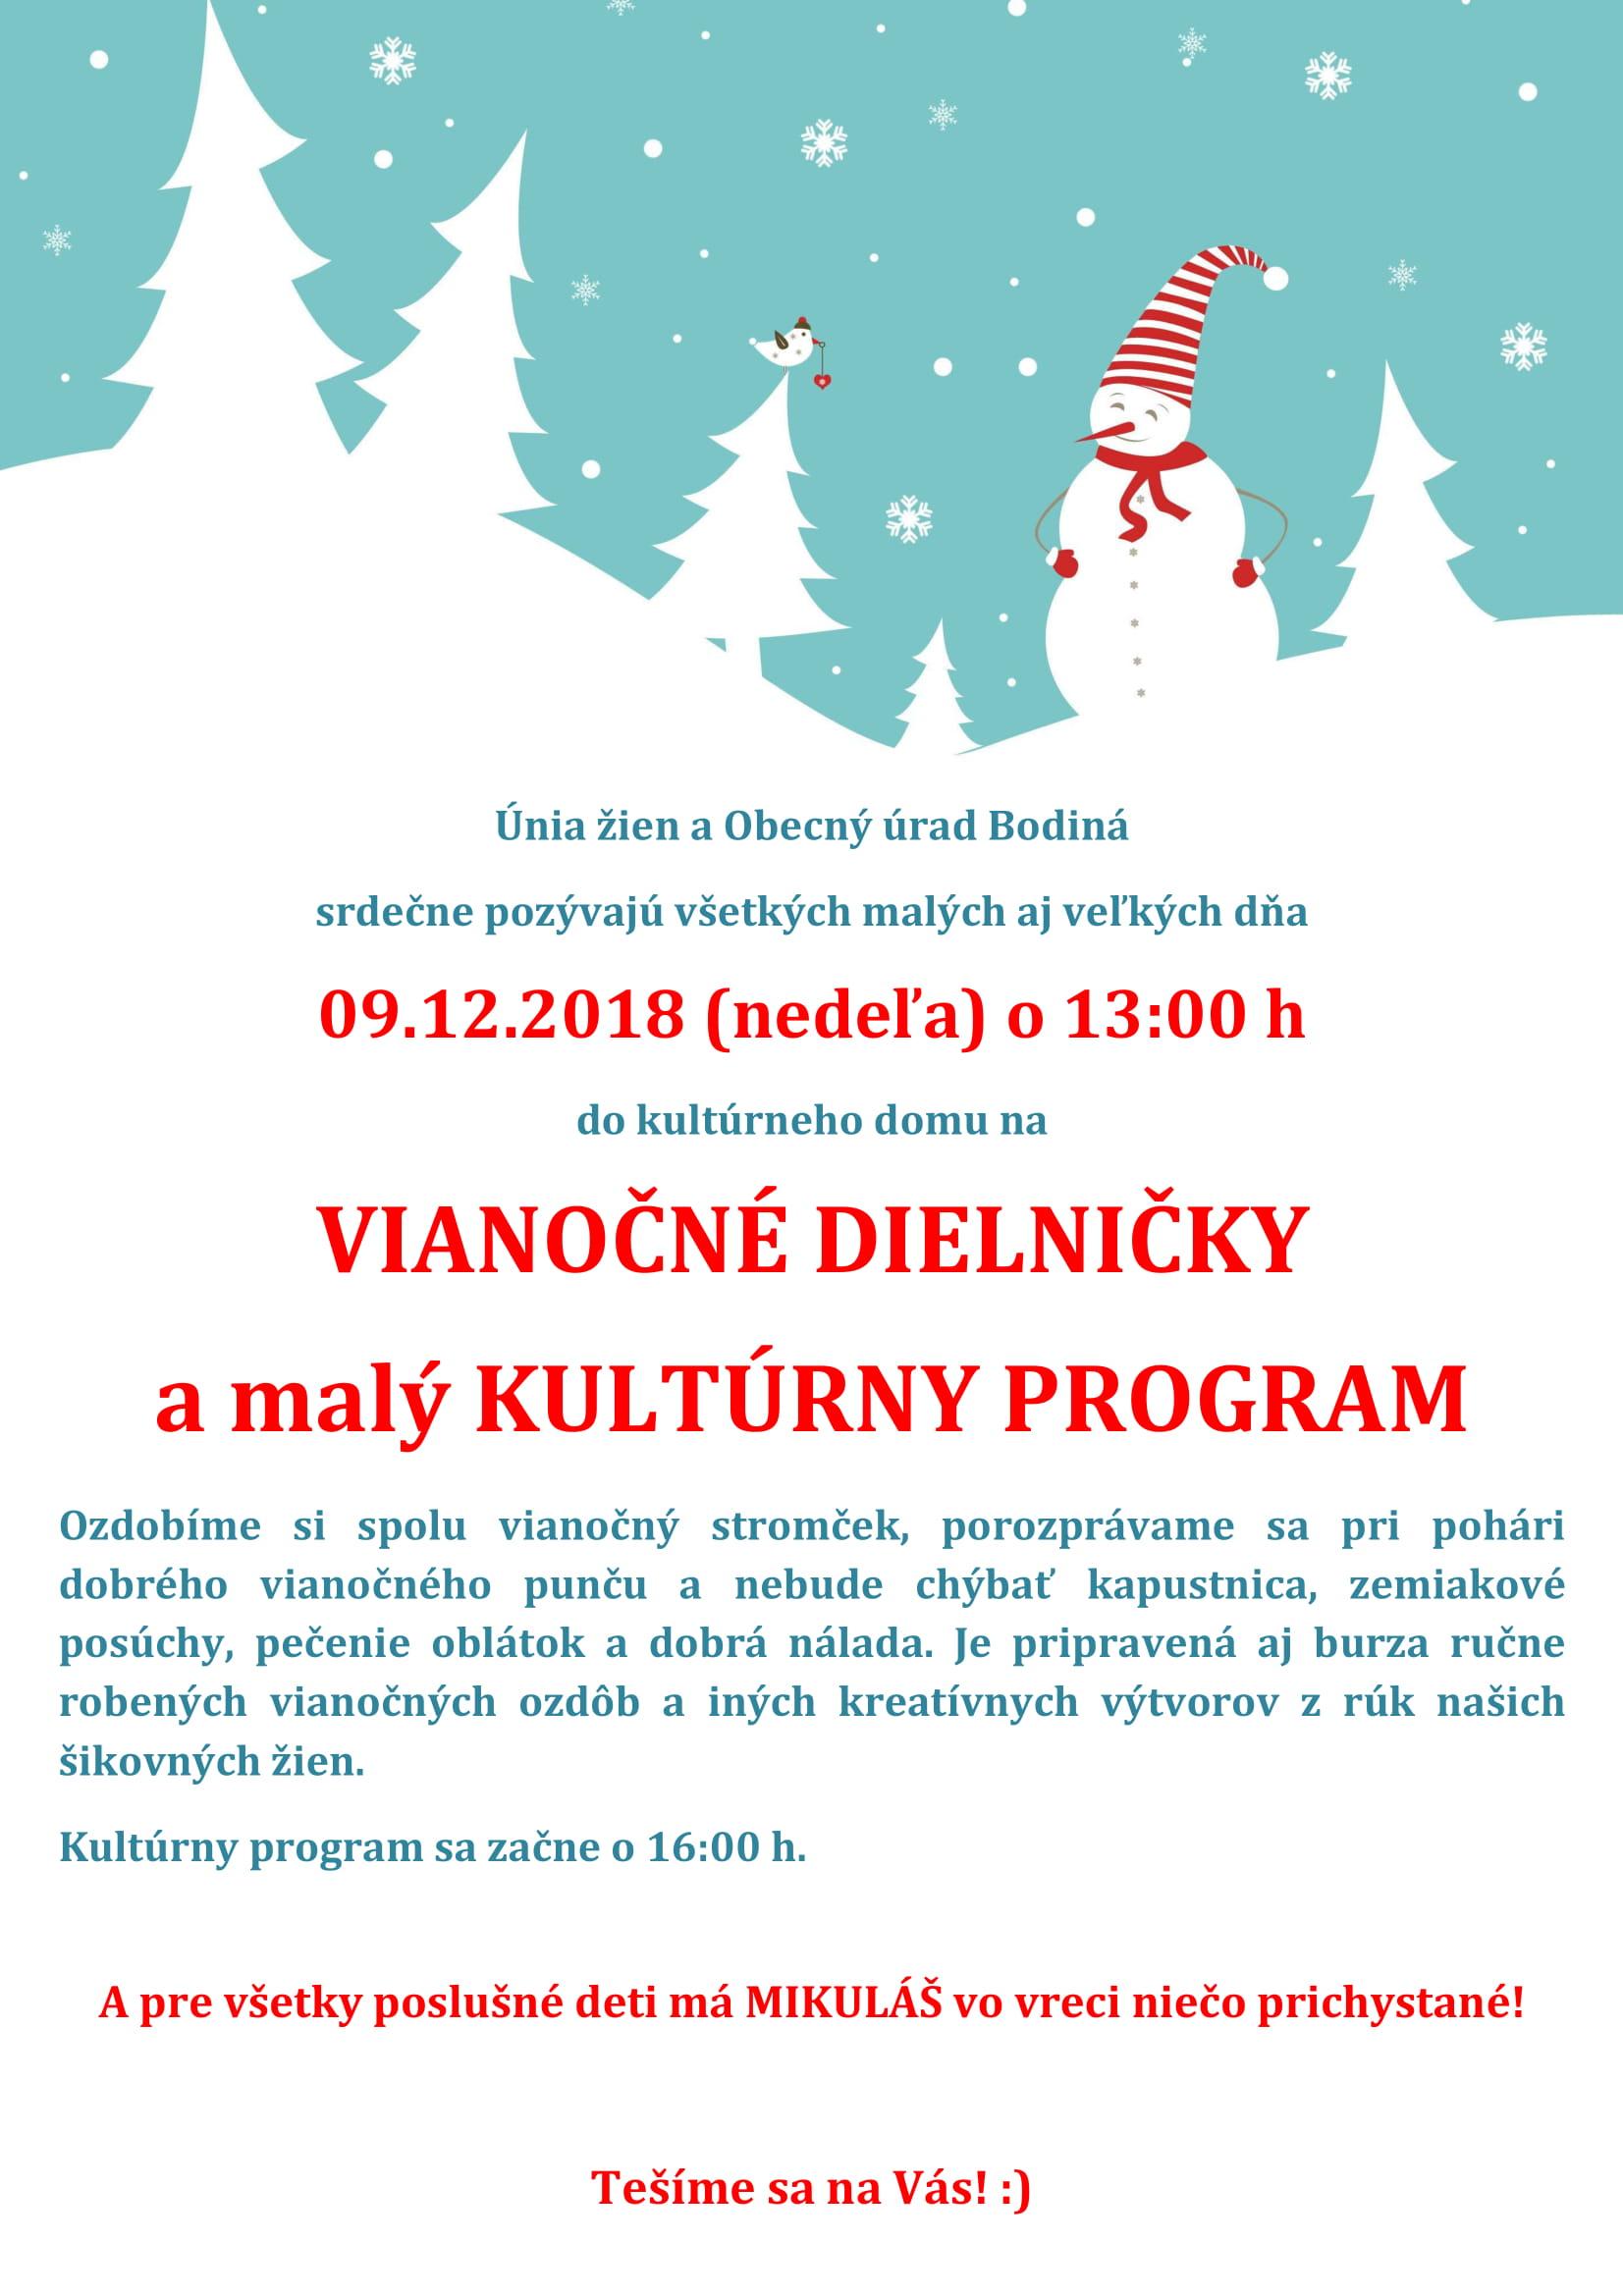 Vianoce_2018